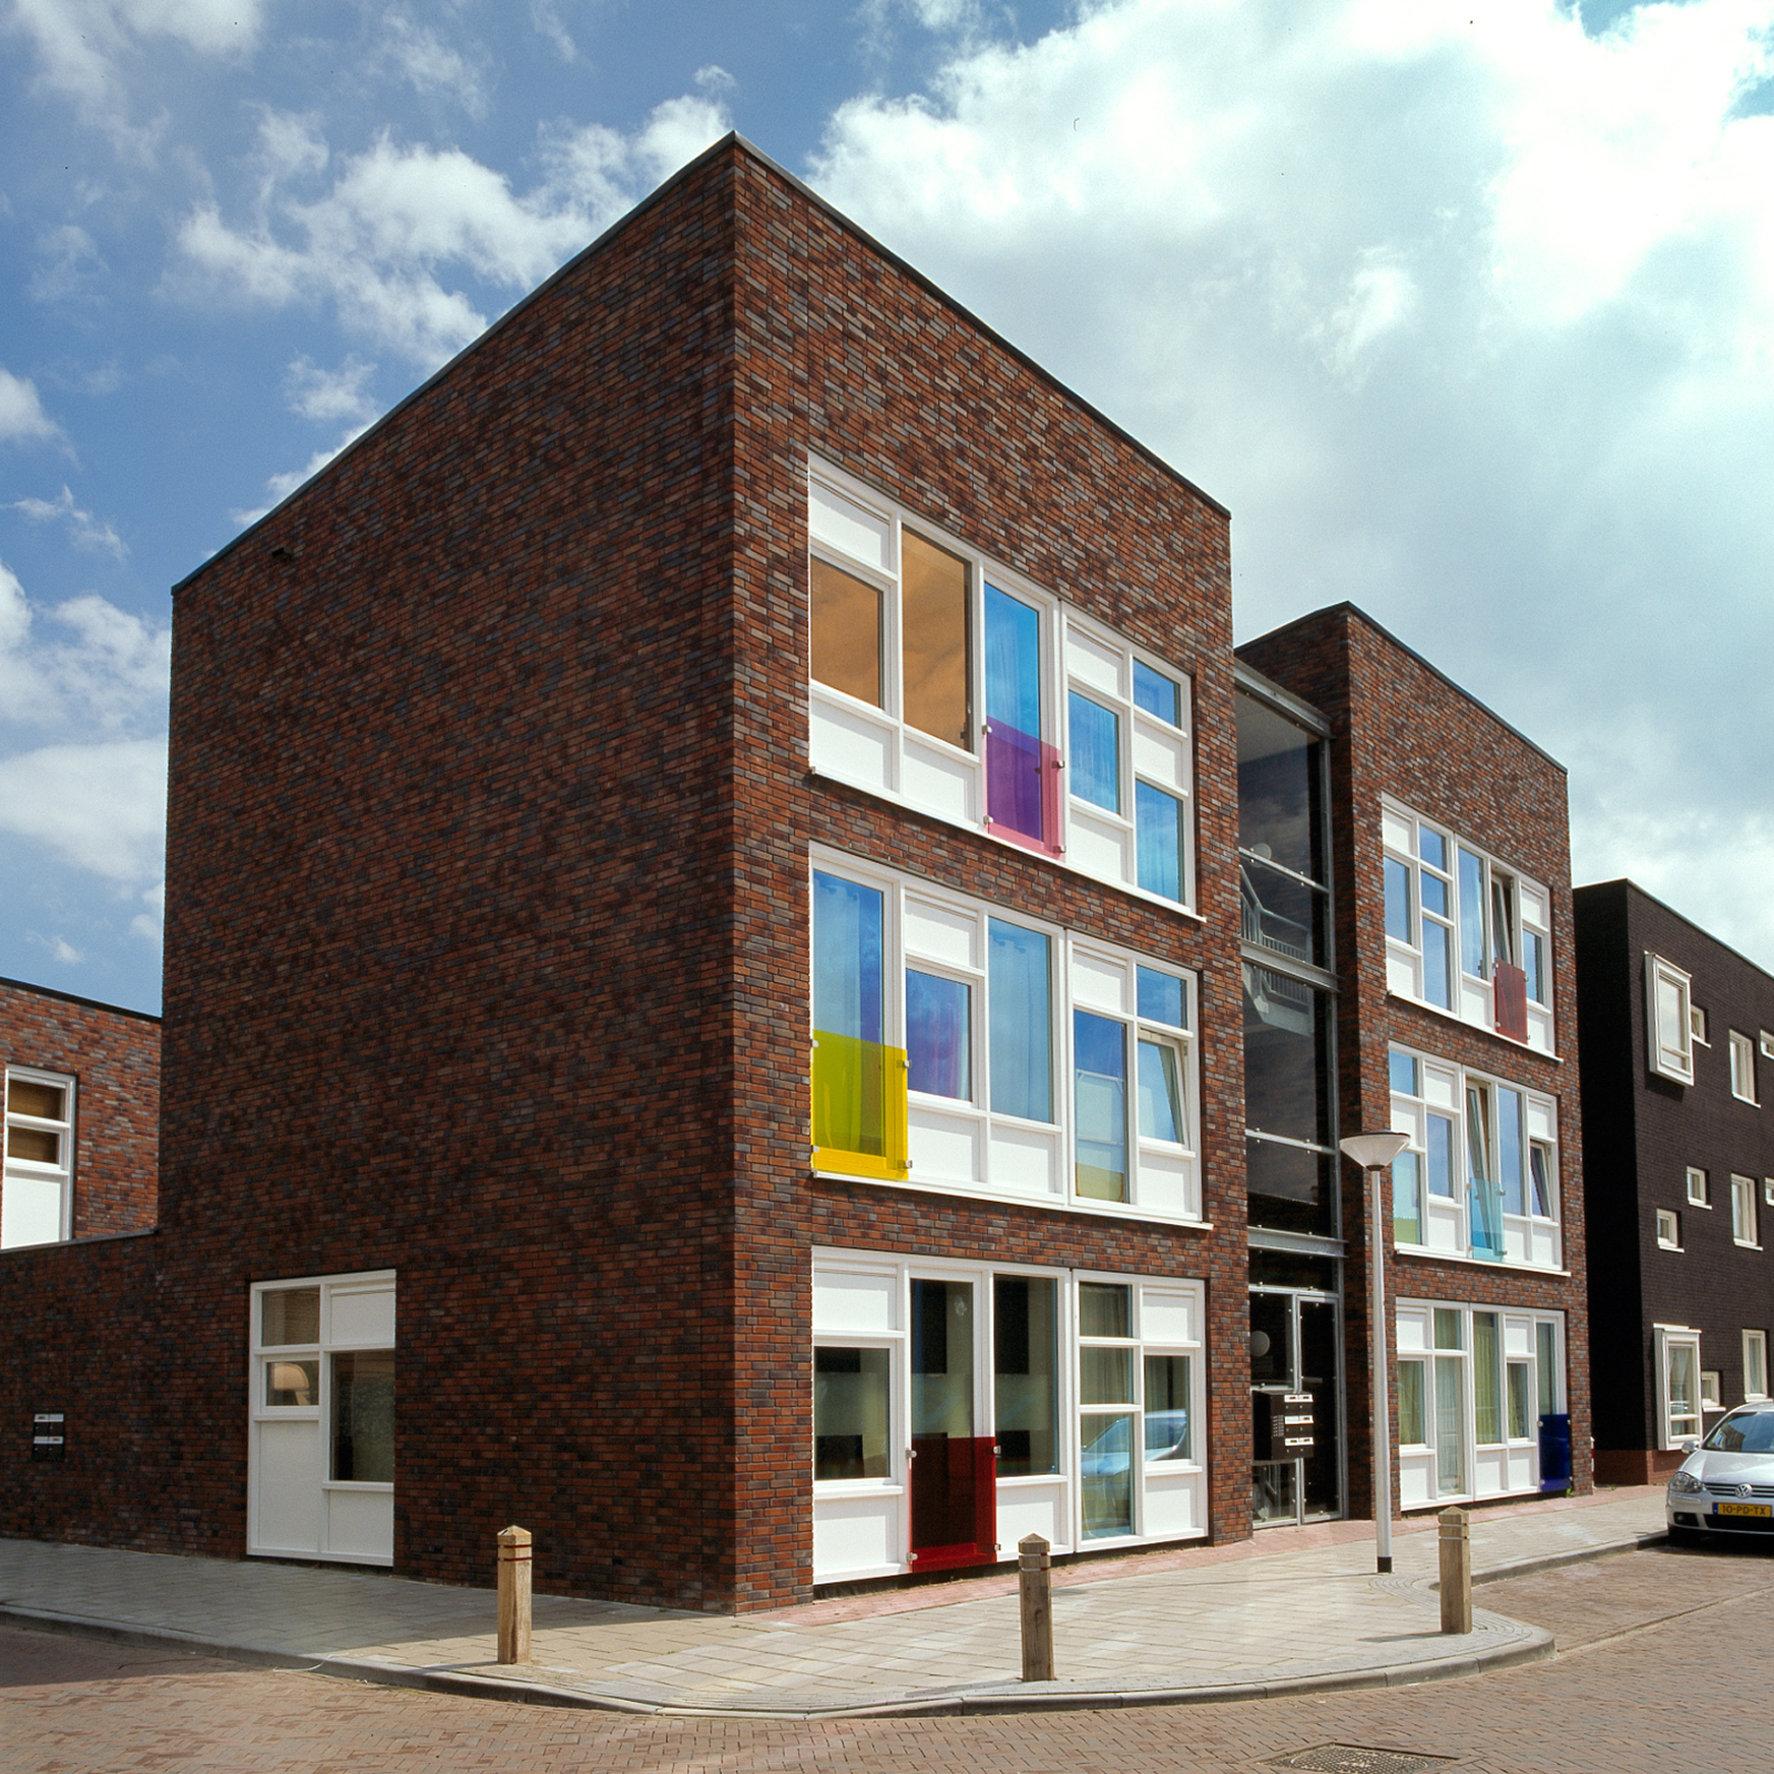 Roombeek quarter, Enschede (NL)